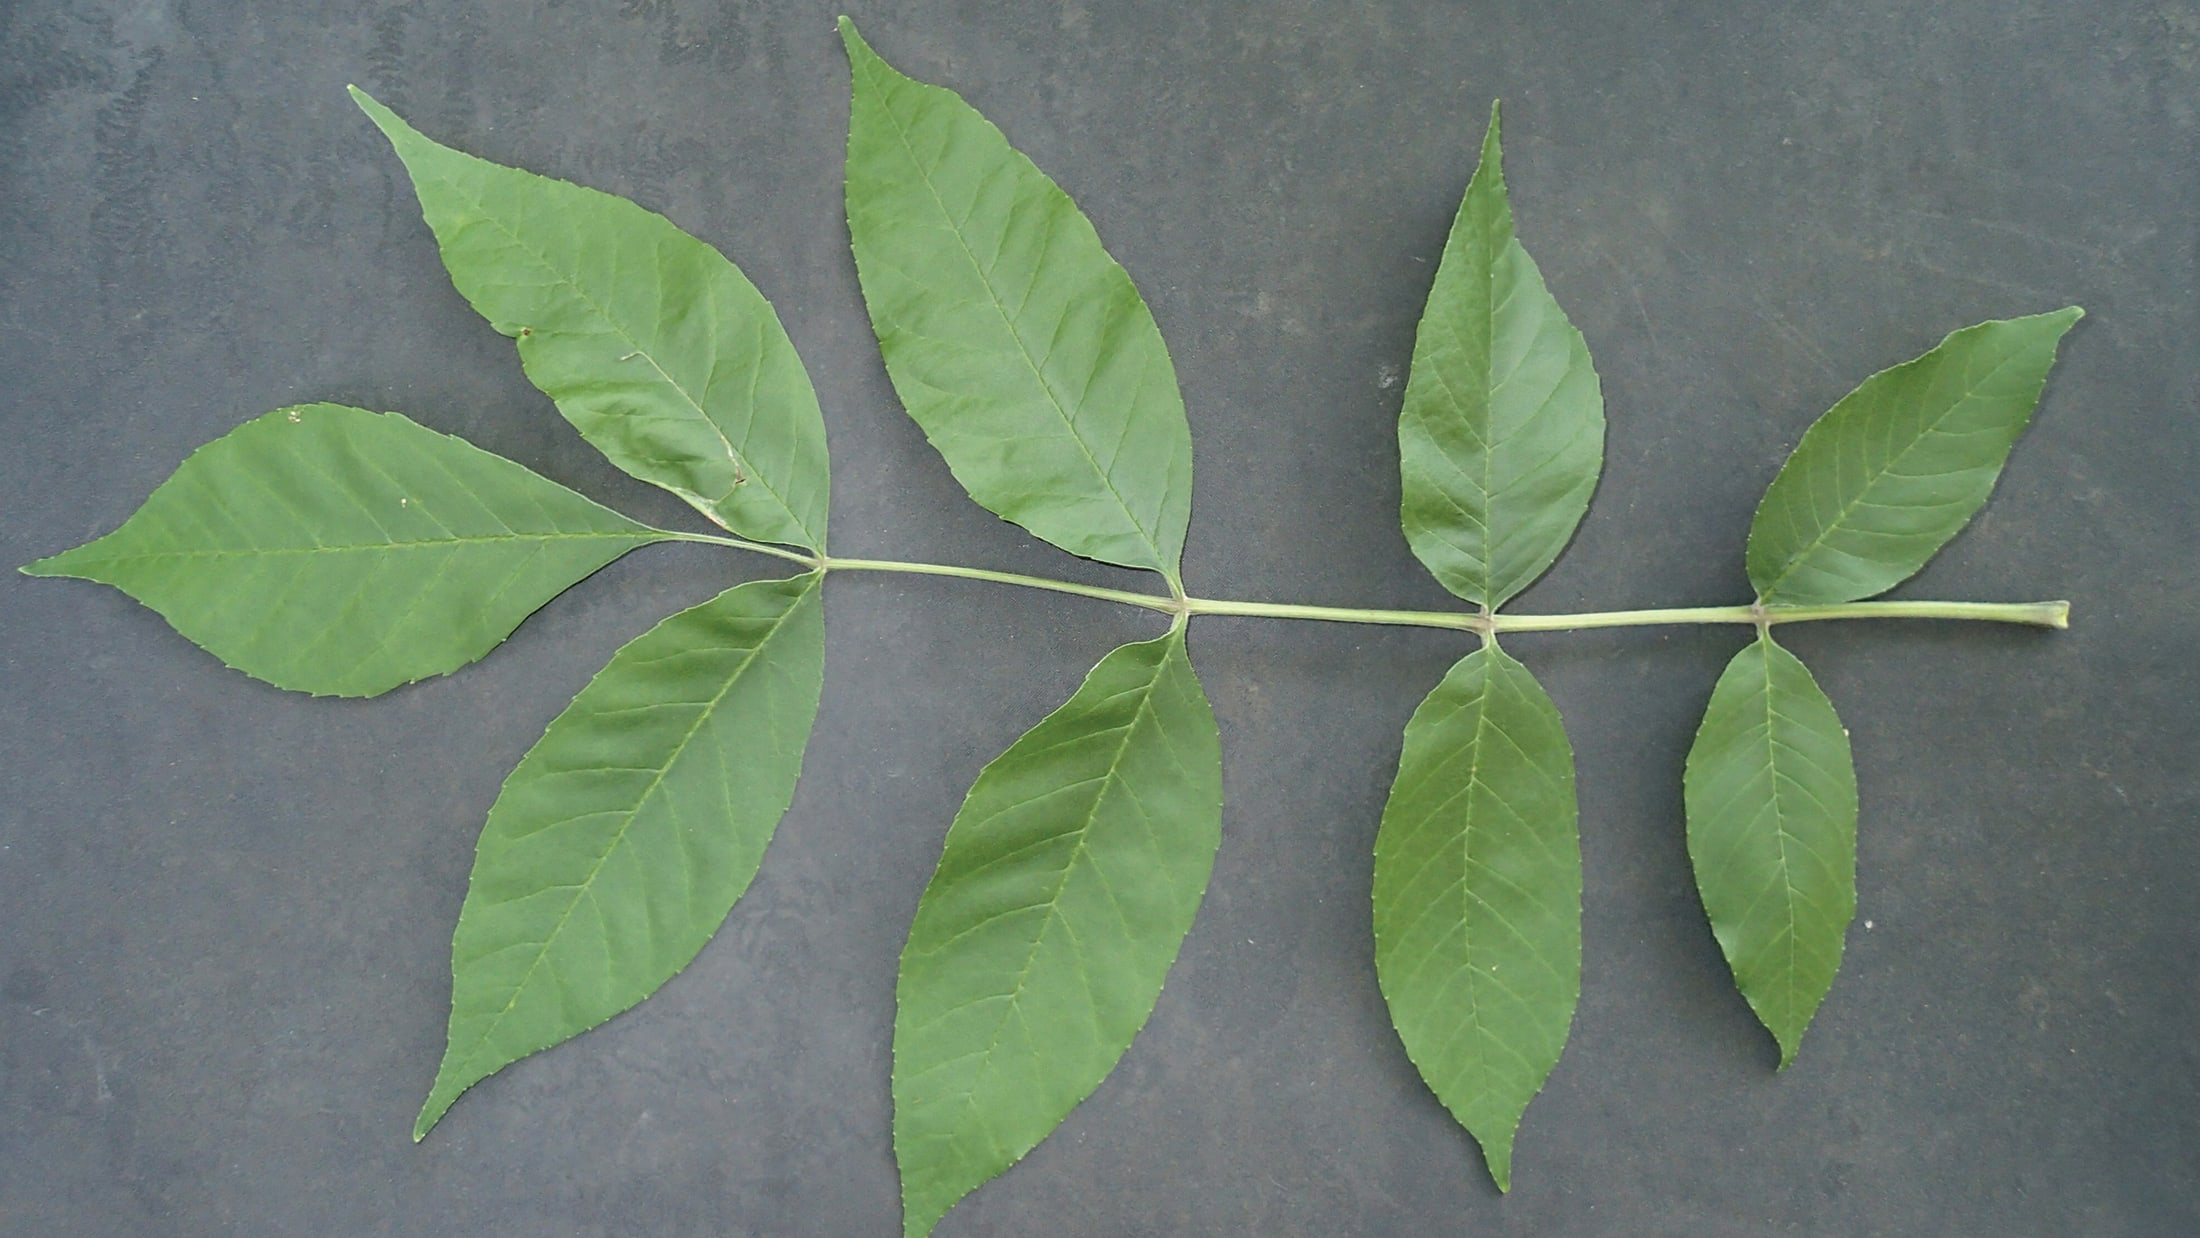 Les feuilles composées d'un nombre impair de petites feuilles